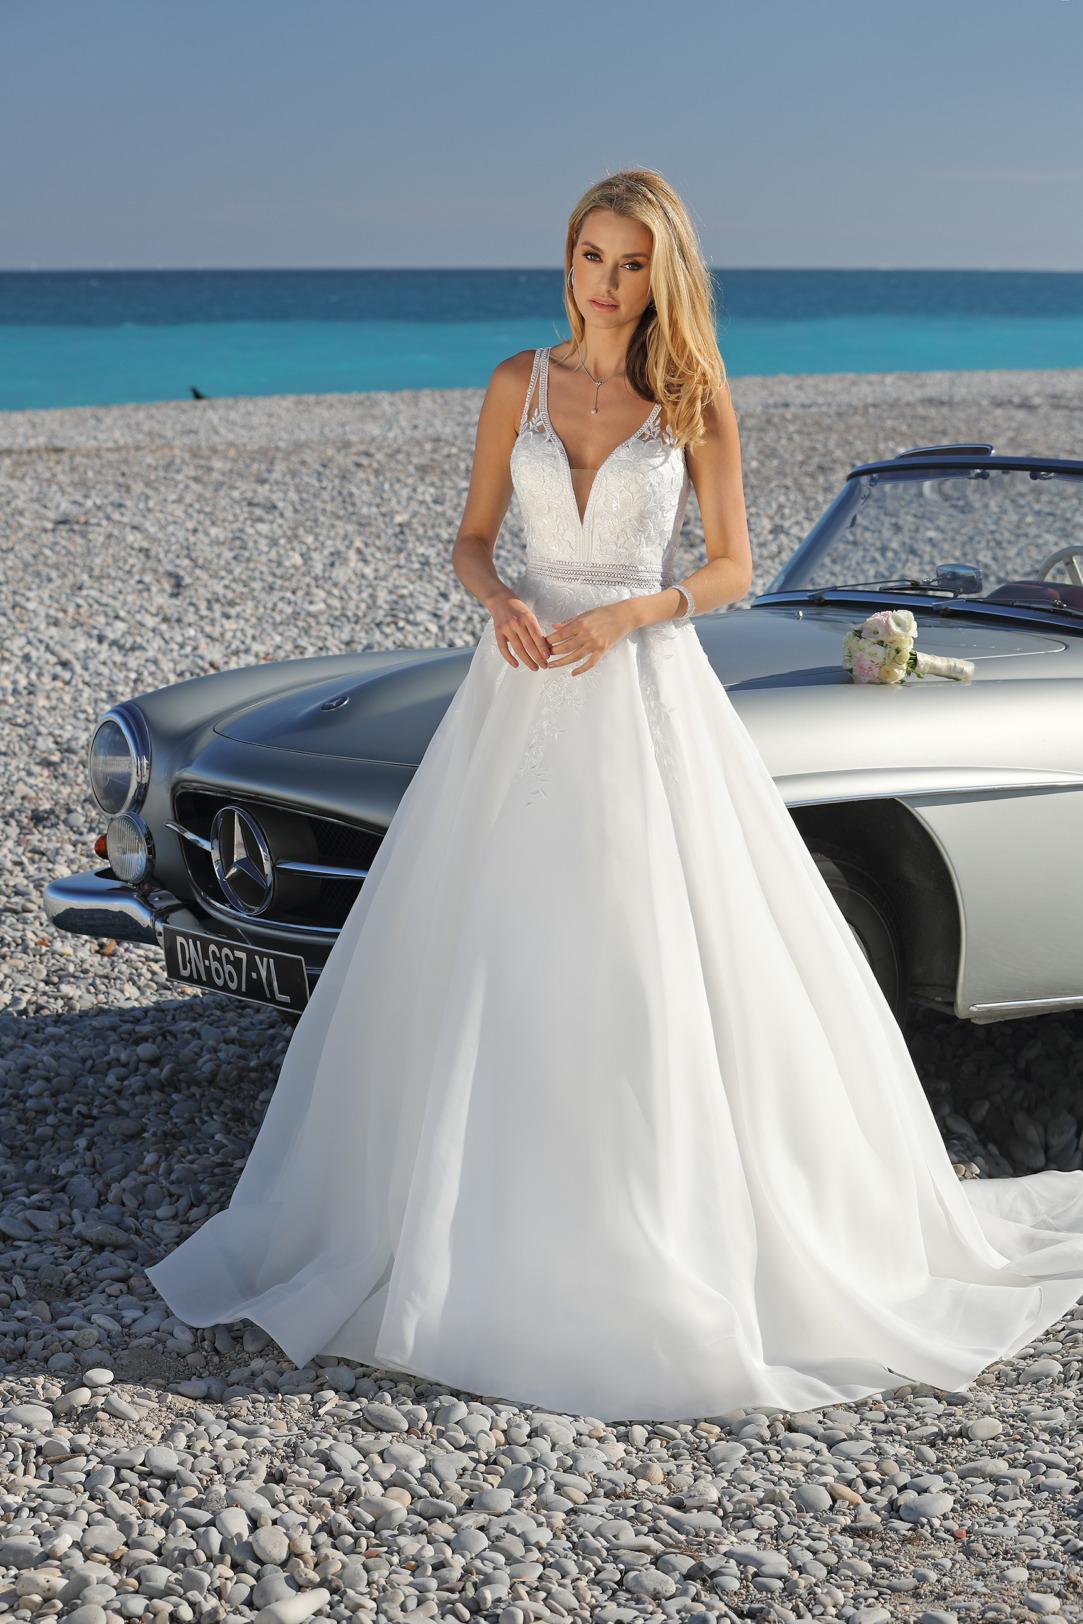 Brautkleider Hochzeitskleider Ladybird aufwendiger Prinzessinnenstil Stil Style Form V-Ausschnitt Spitze Strass Glitzer lange Schleppe weiter Organza Rock Taillenbetonung